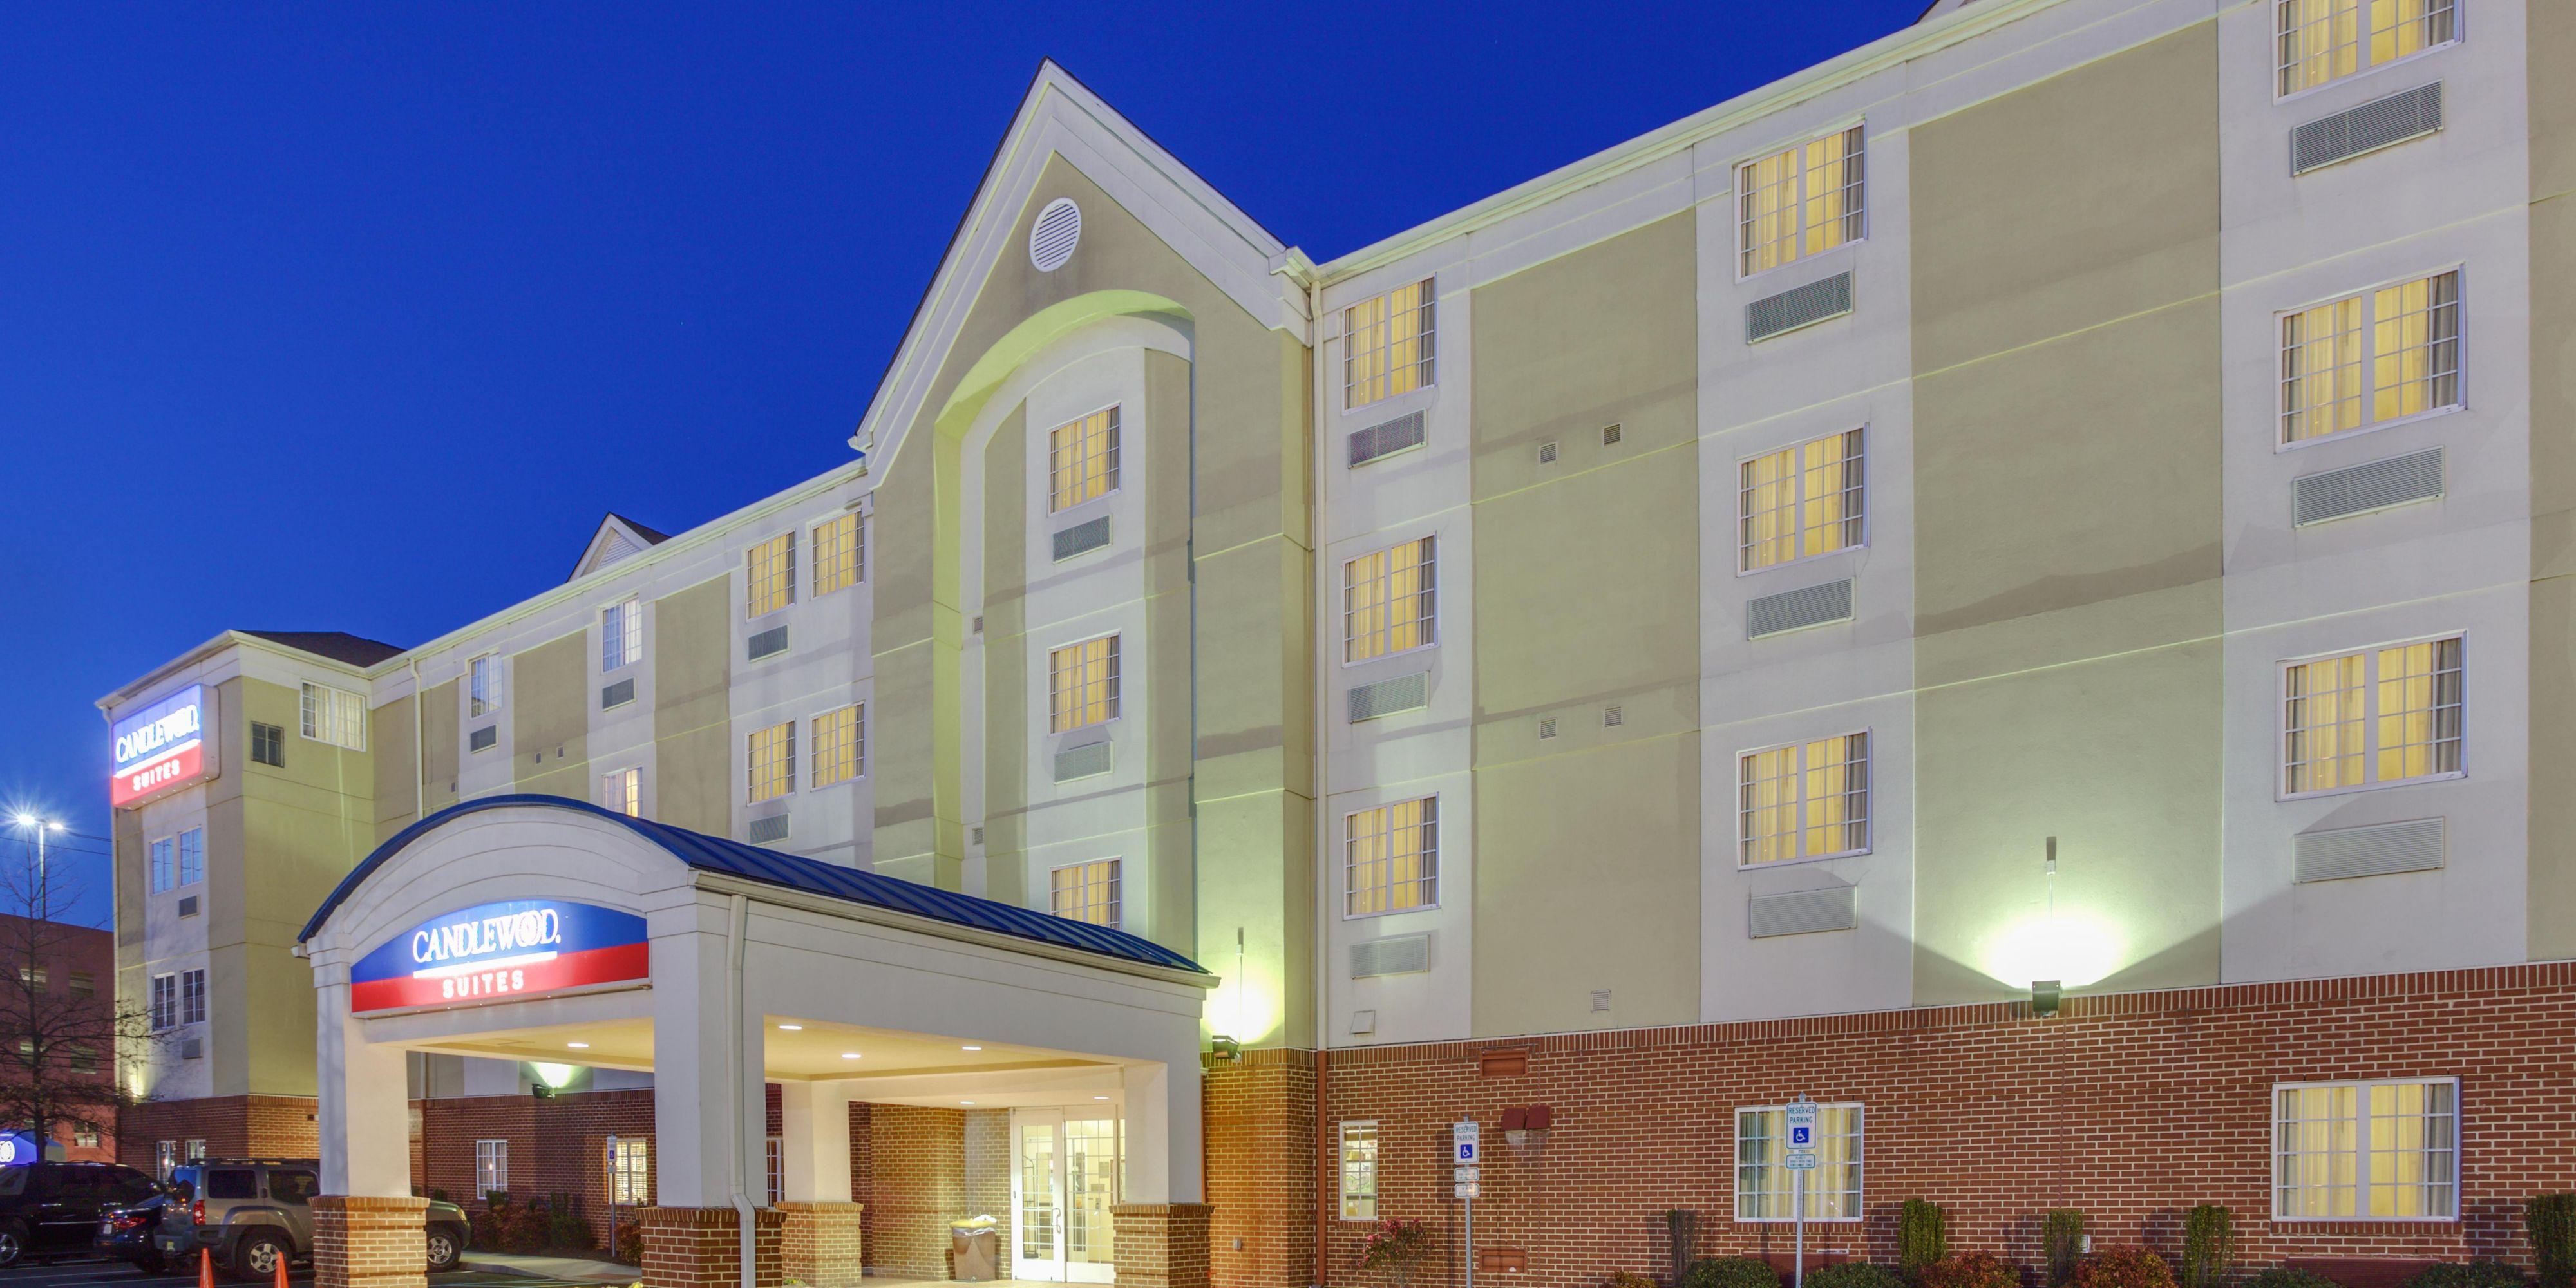 Hotel In Virginia Beach Candlewood Suites Va